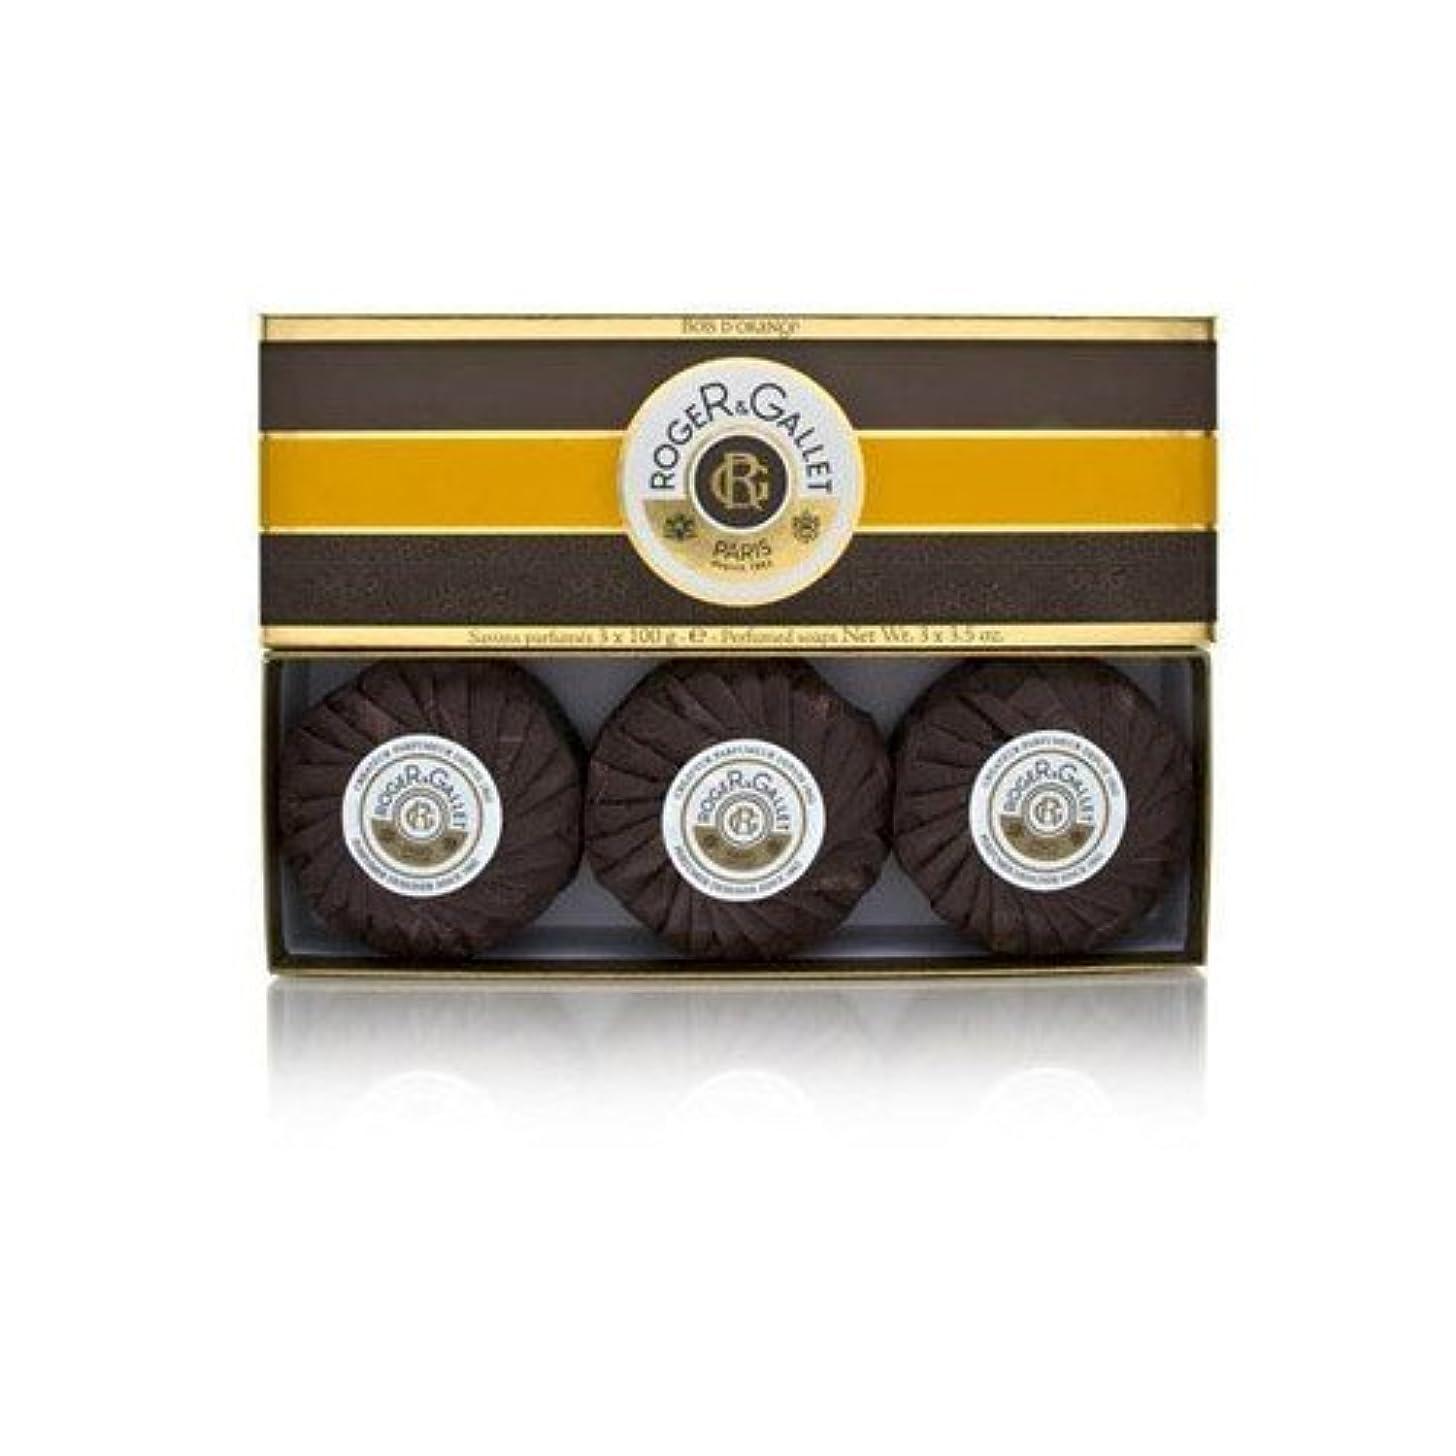 逆ショット彫るロジェガレ ボワ ドランジュ (オレンジツリー) 香水石鹸3個セット ROGER&GALLET BOIS D'ORANGE PERFUMED SOAP [0161]